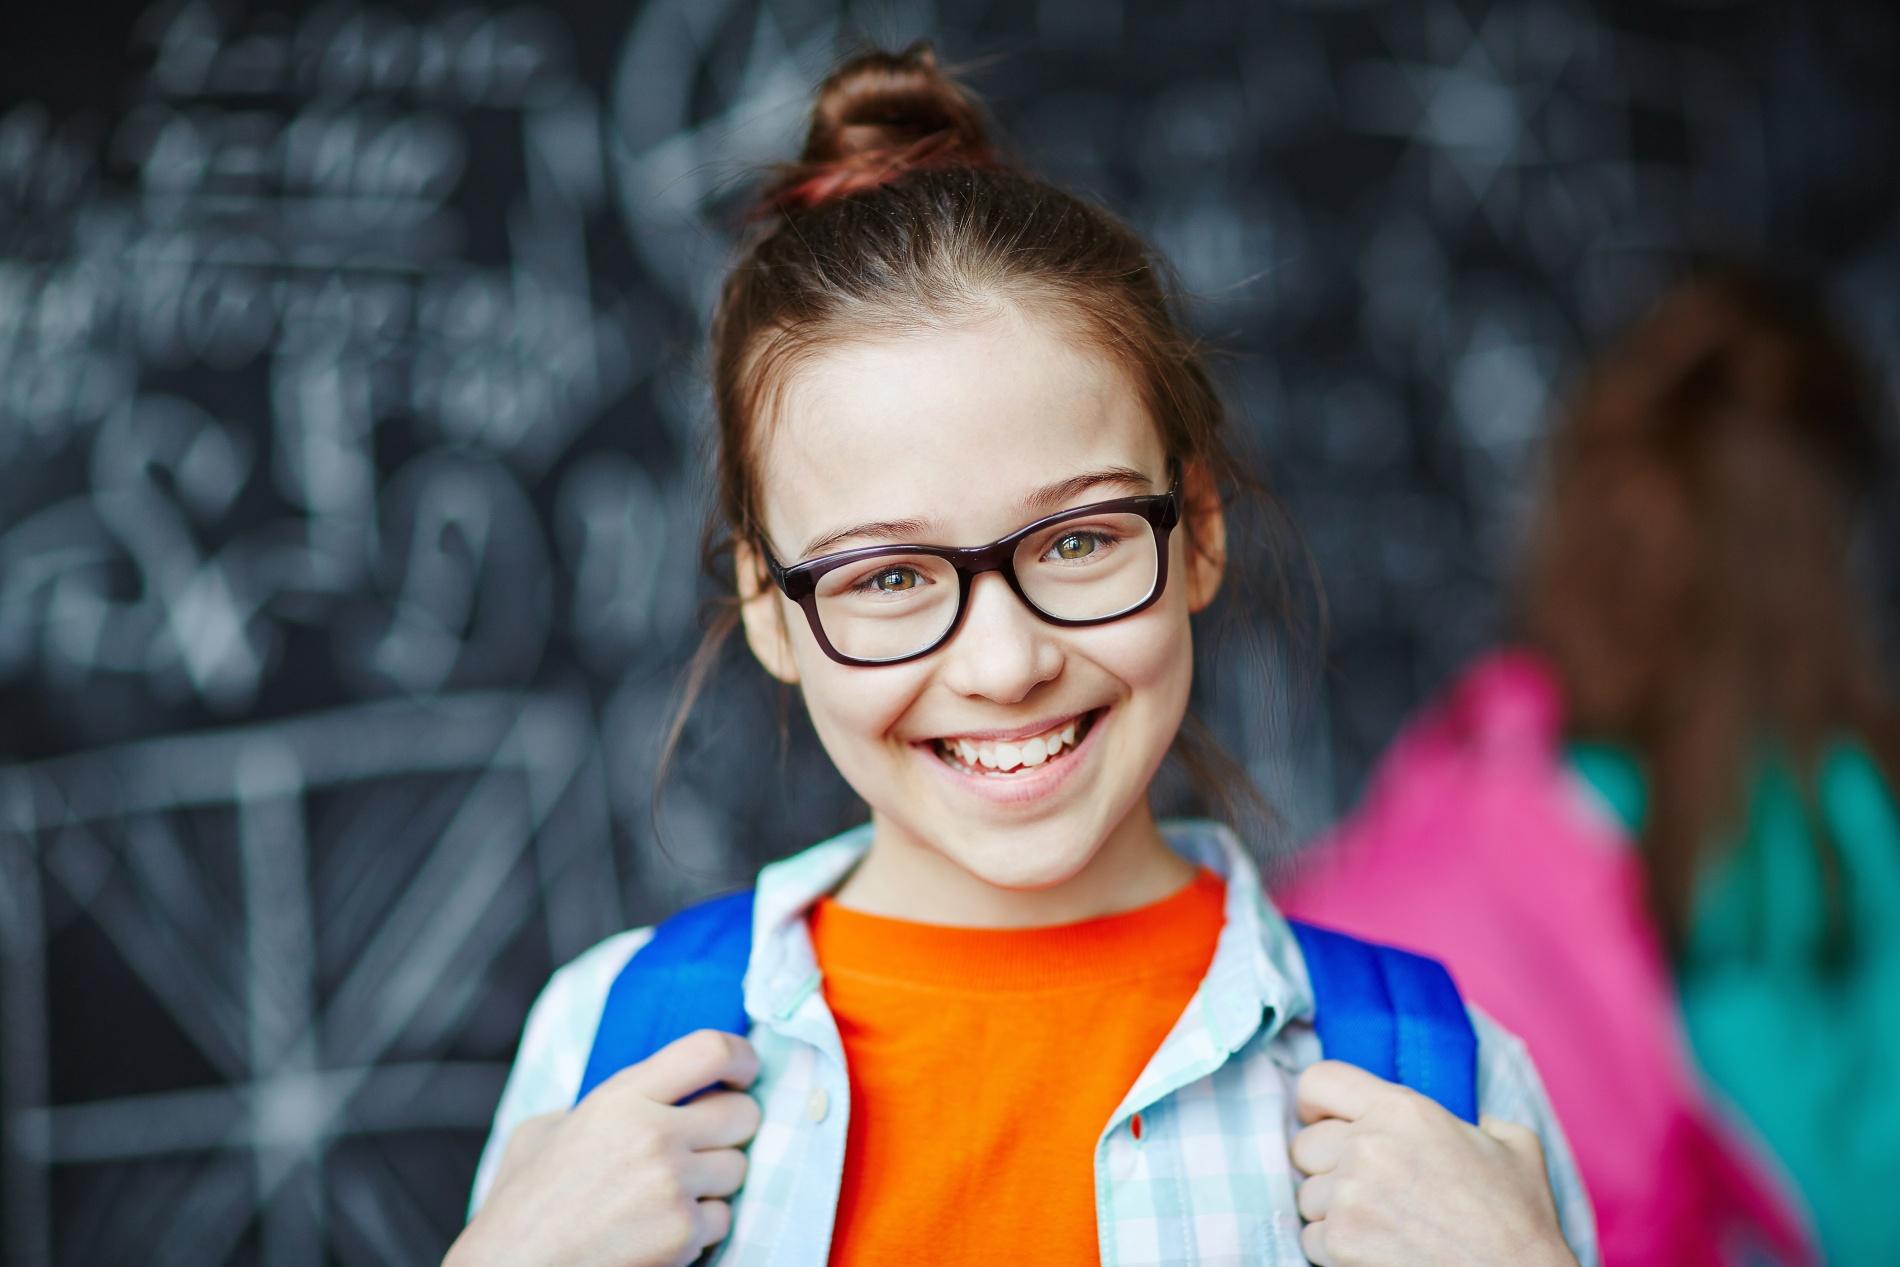 Dober vid je ključen za uspeh v šoli